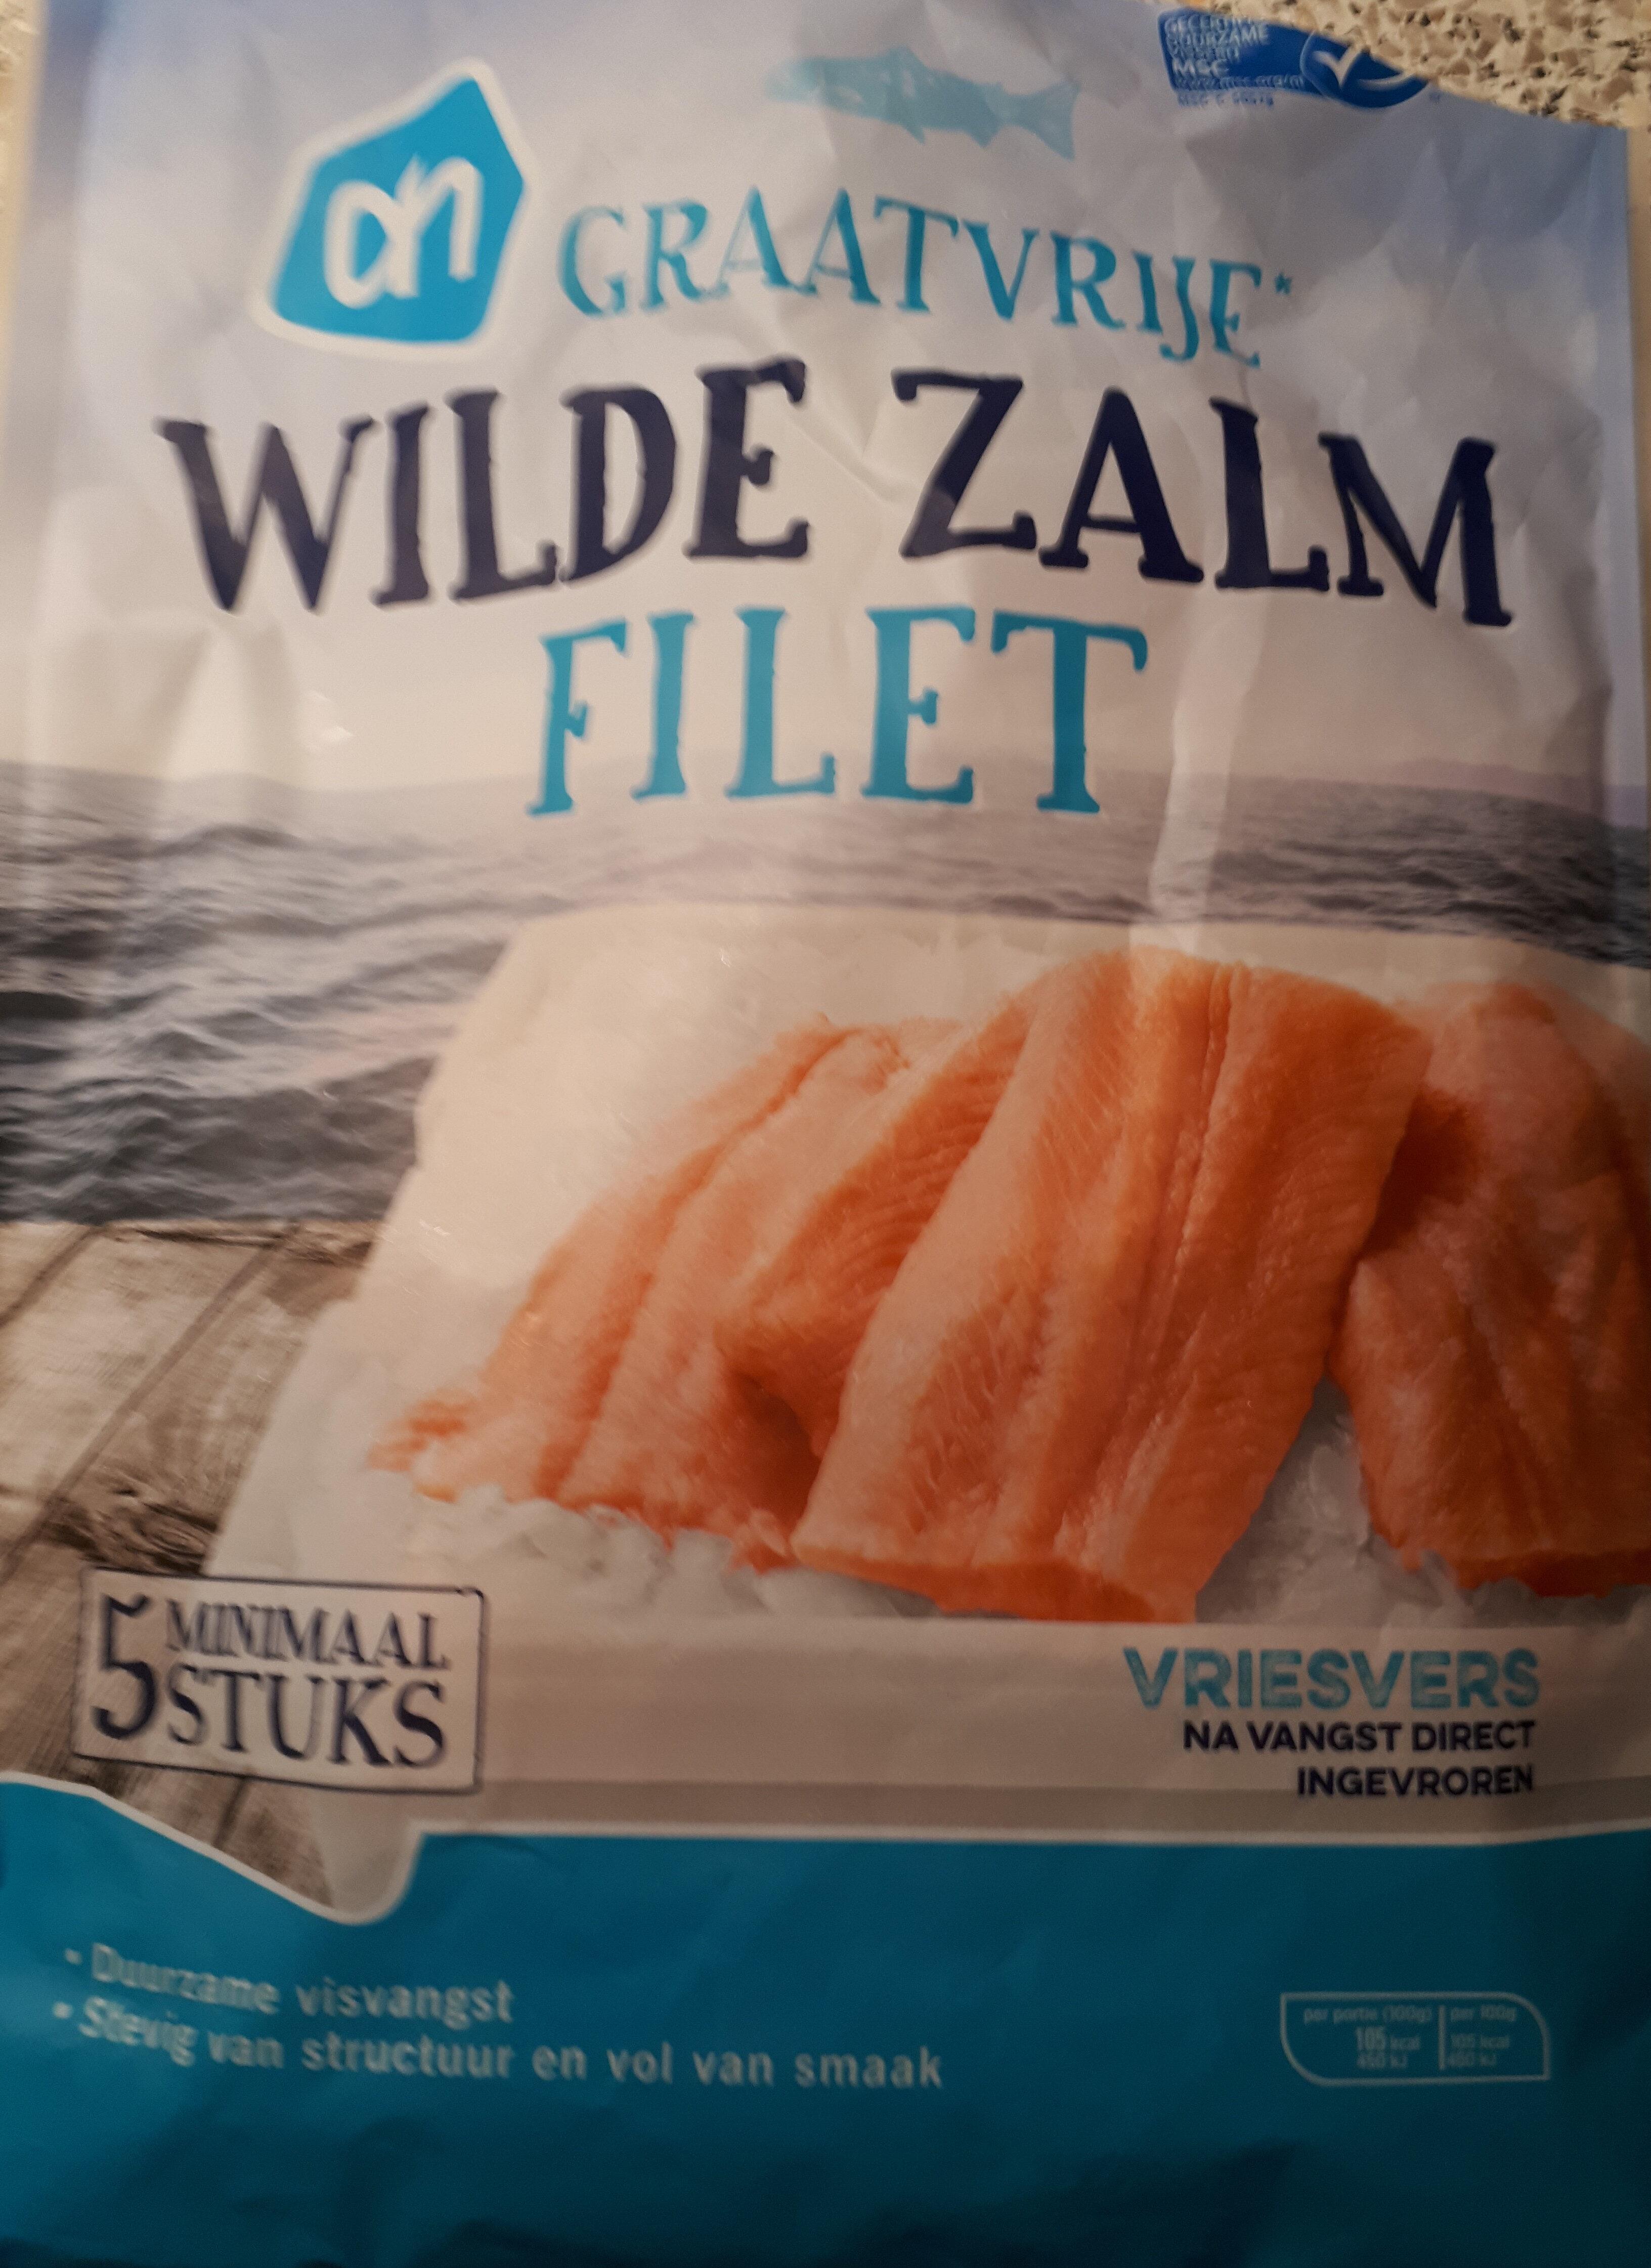 Wilde Zalm Filet Graatvrij Diepvries - Produit - nl